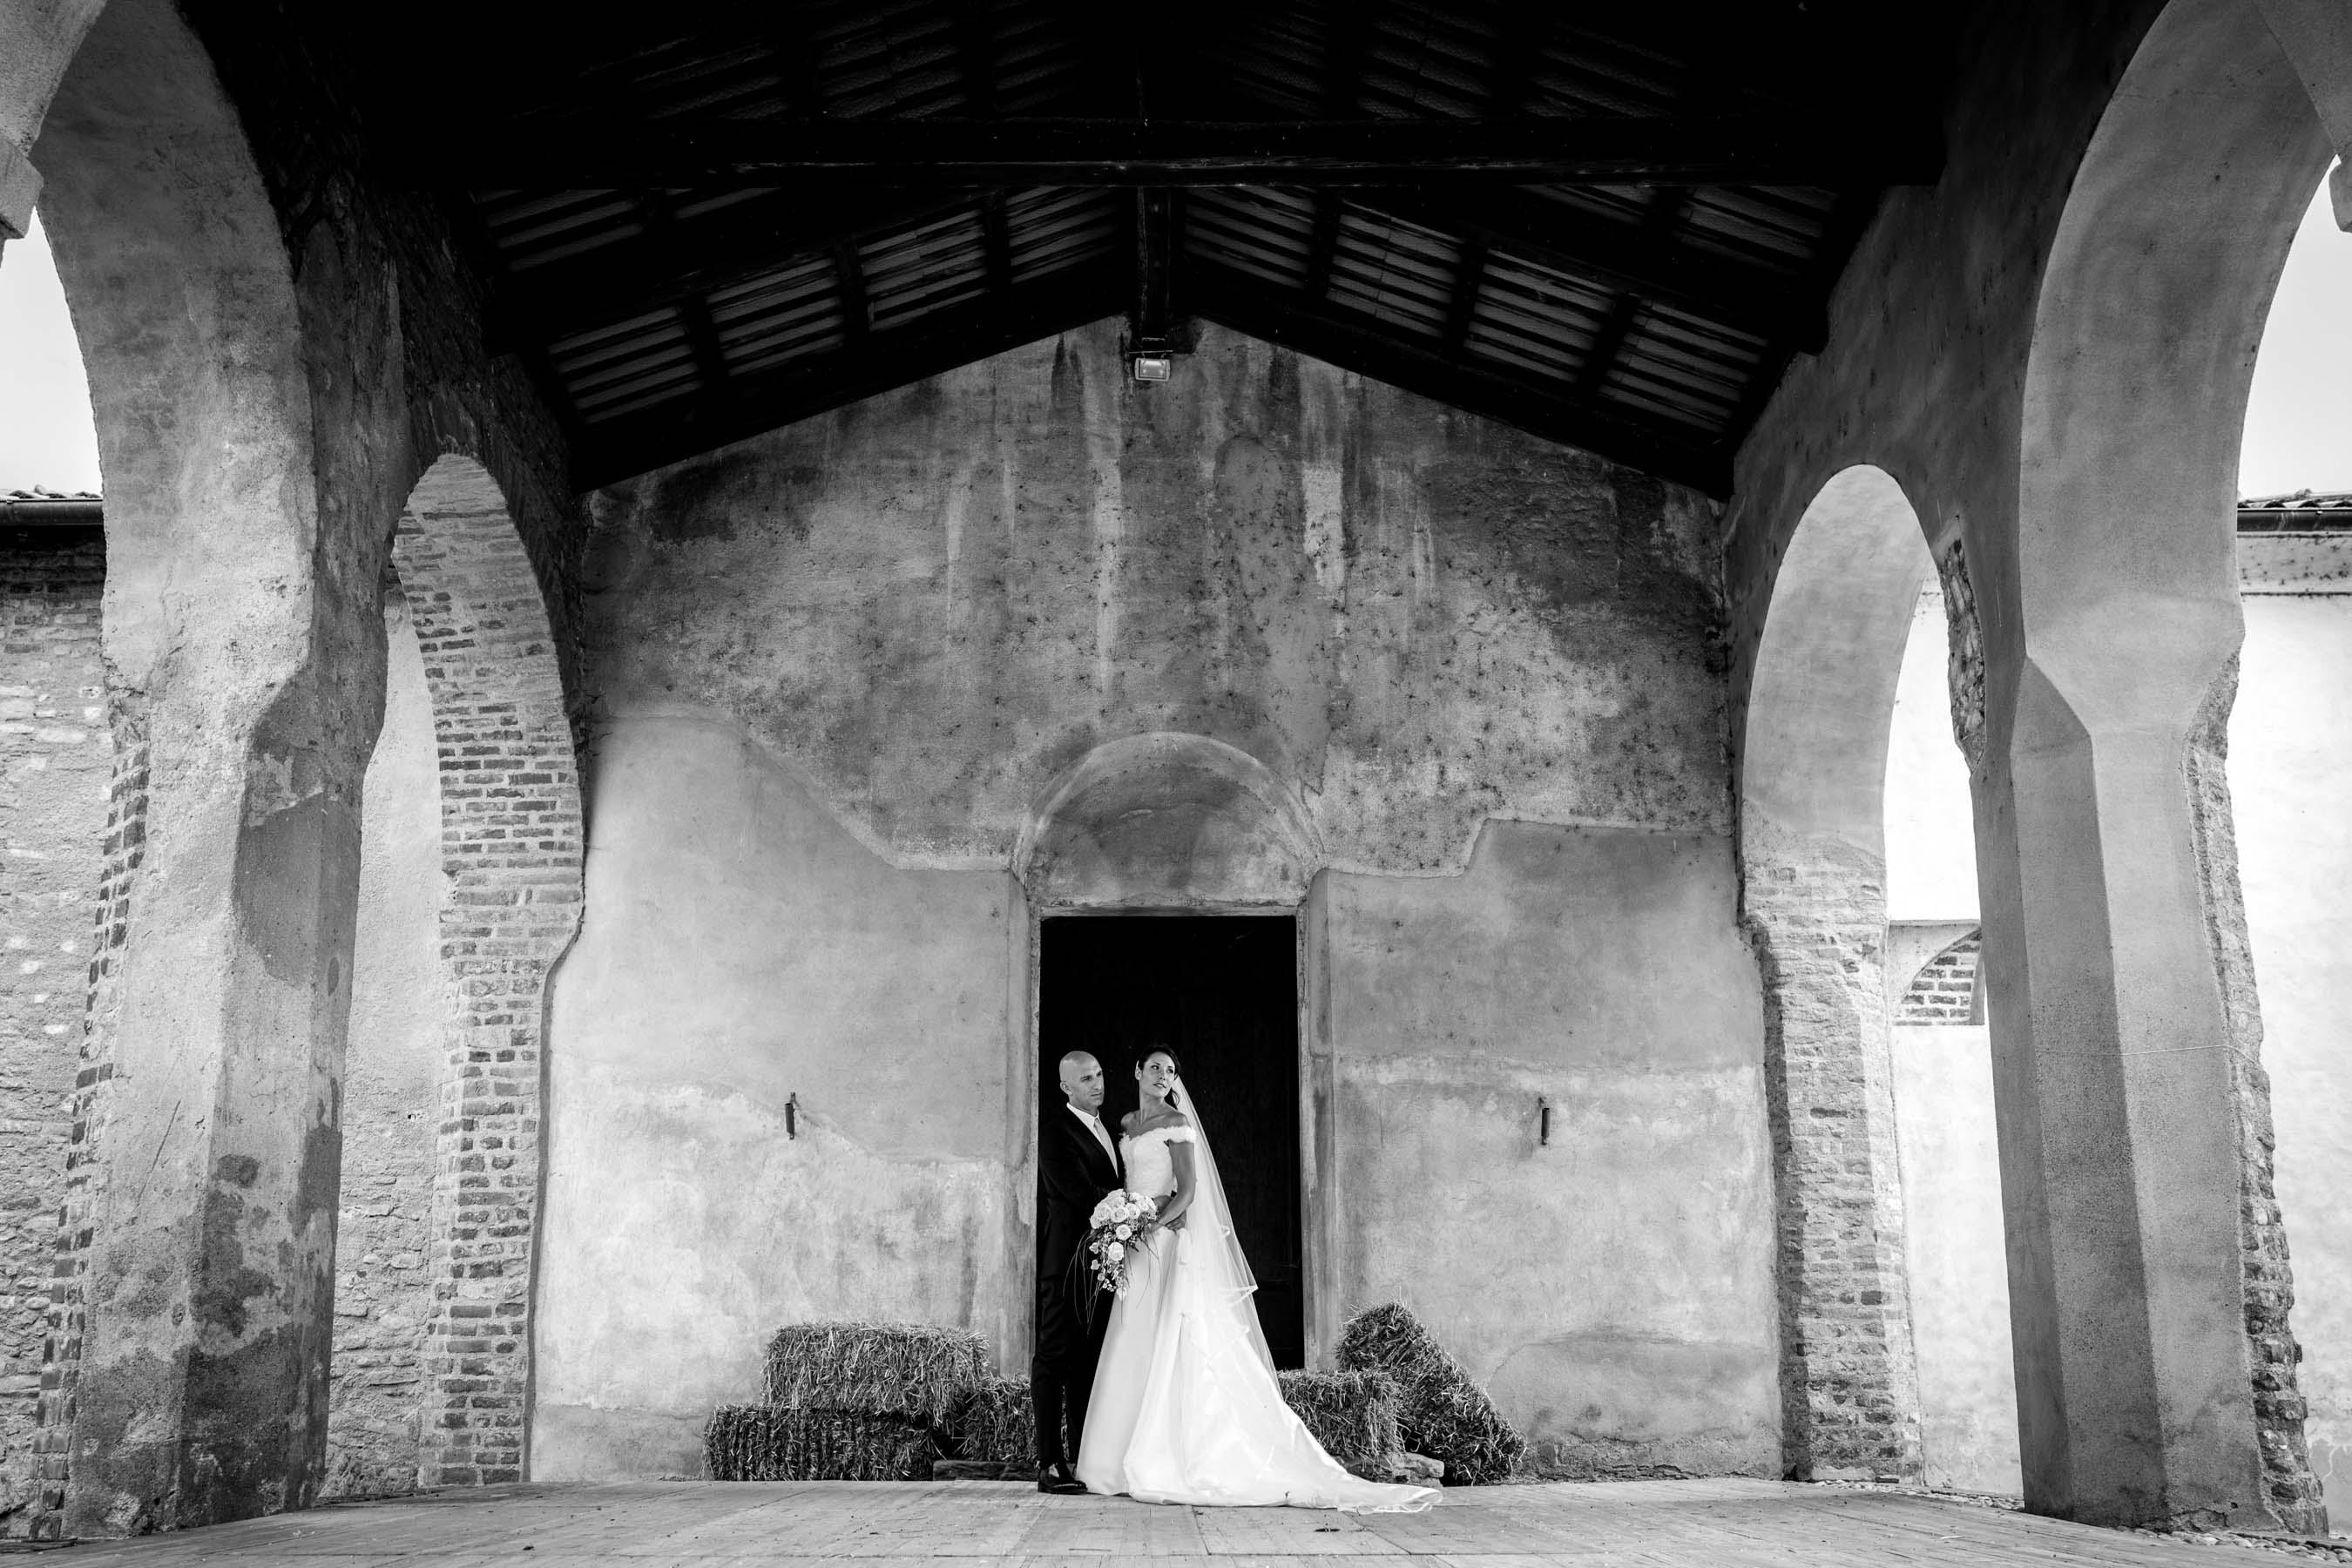 art foto_torino_monica sica photography_la vià _cavour_ fotografo matrimonio_torino-48